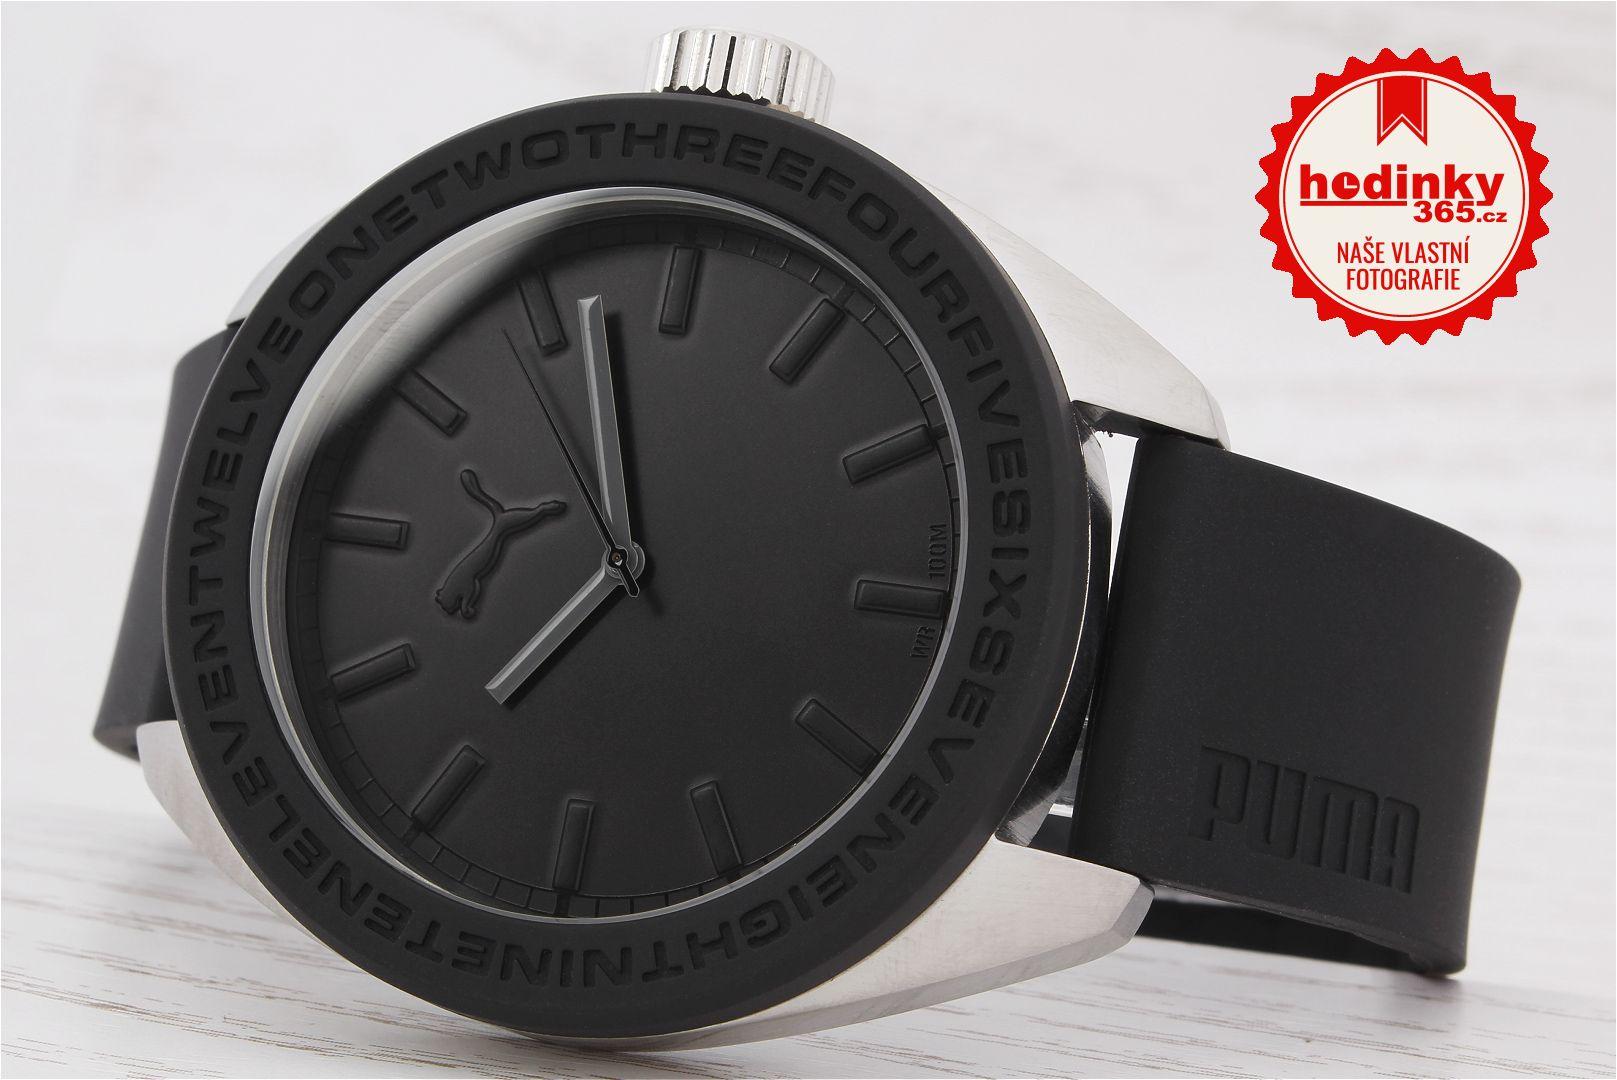 e7e40df253eca Pánské hodinky - pryžový řemínek, ocel pouzdro, minerální sklíčko. Veškeré  technické parametry naleznete níže